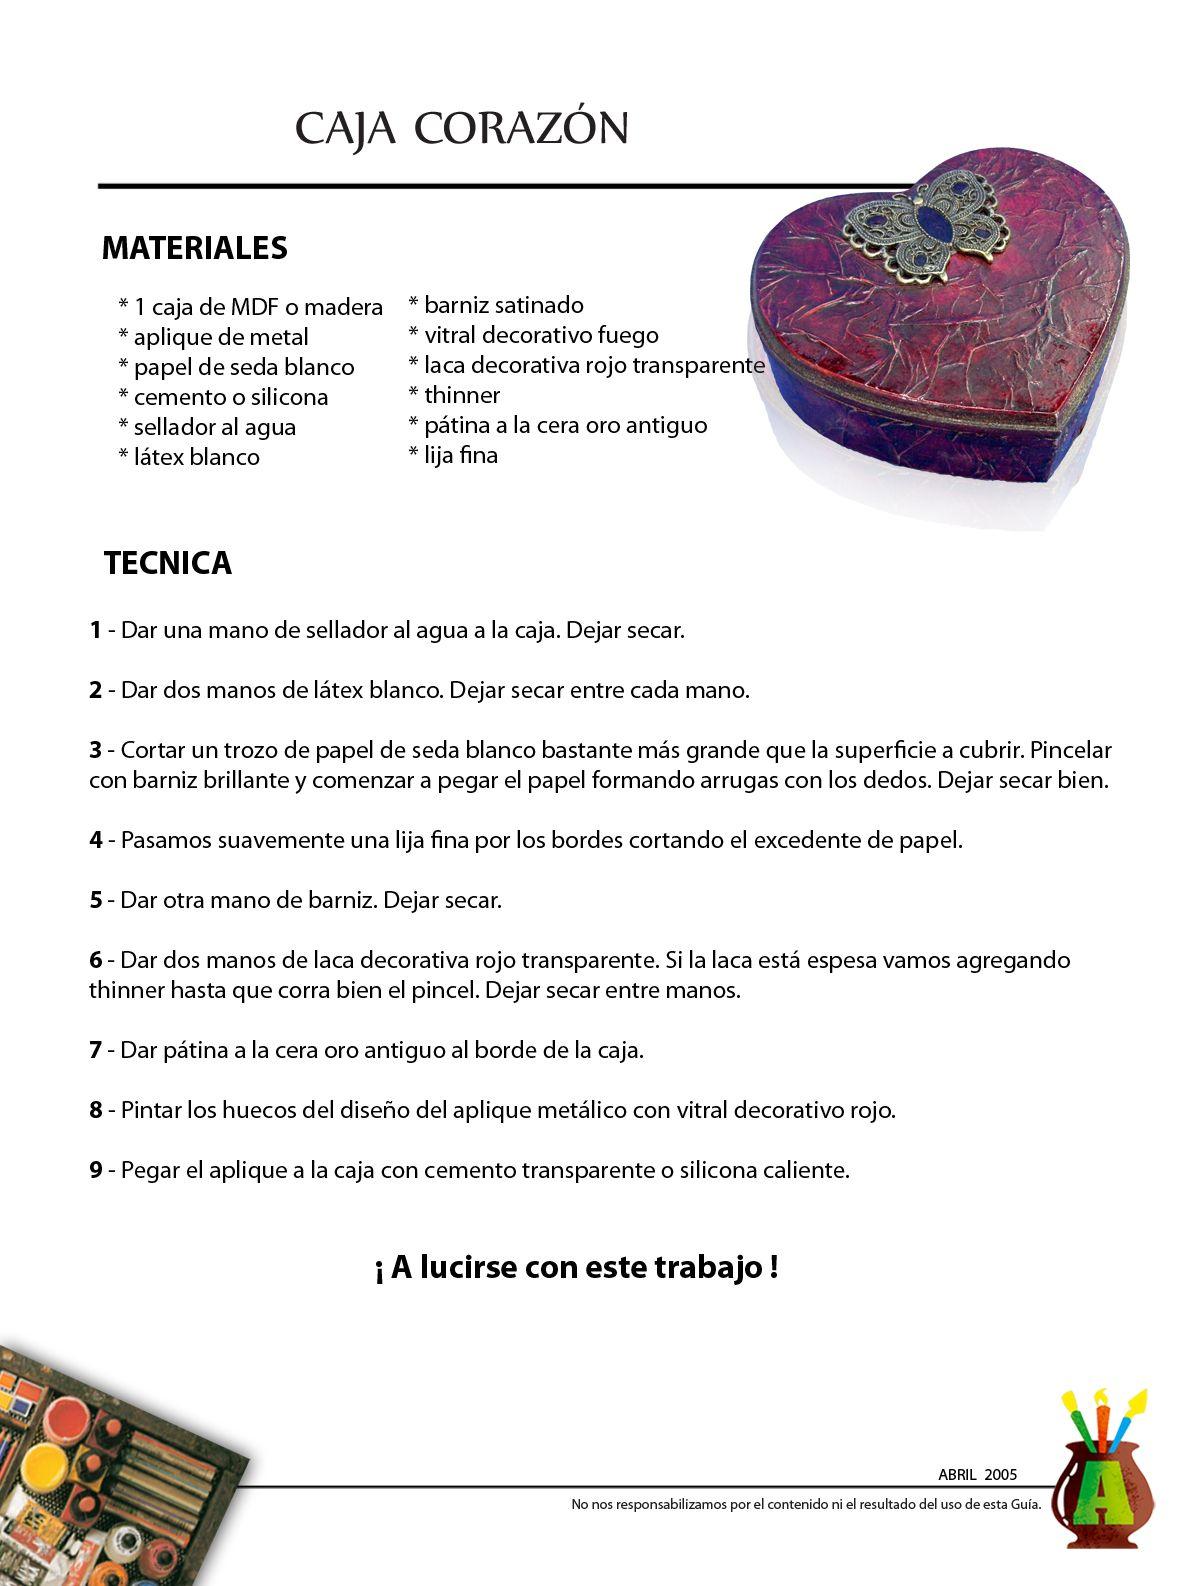 2005/04 - Consejo del Mes - Abril 2005 - Caja Corazón